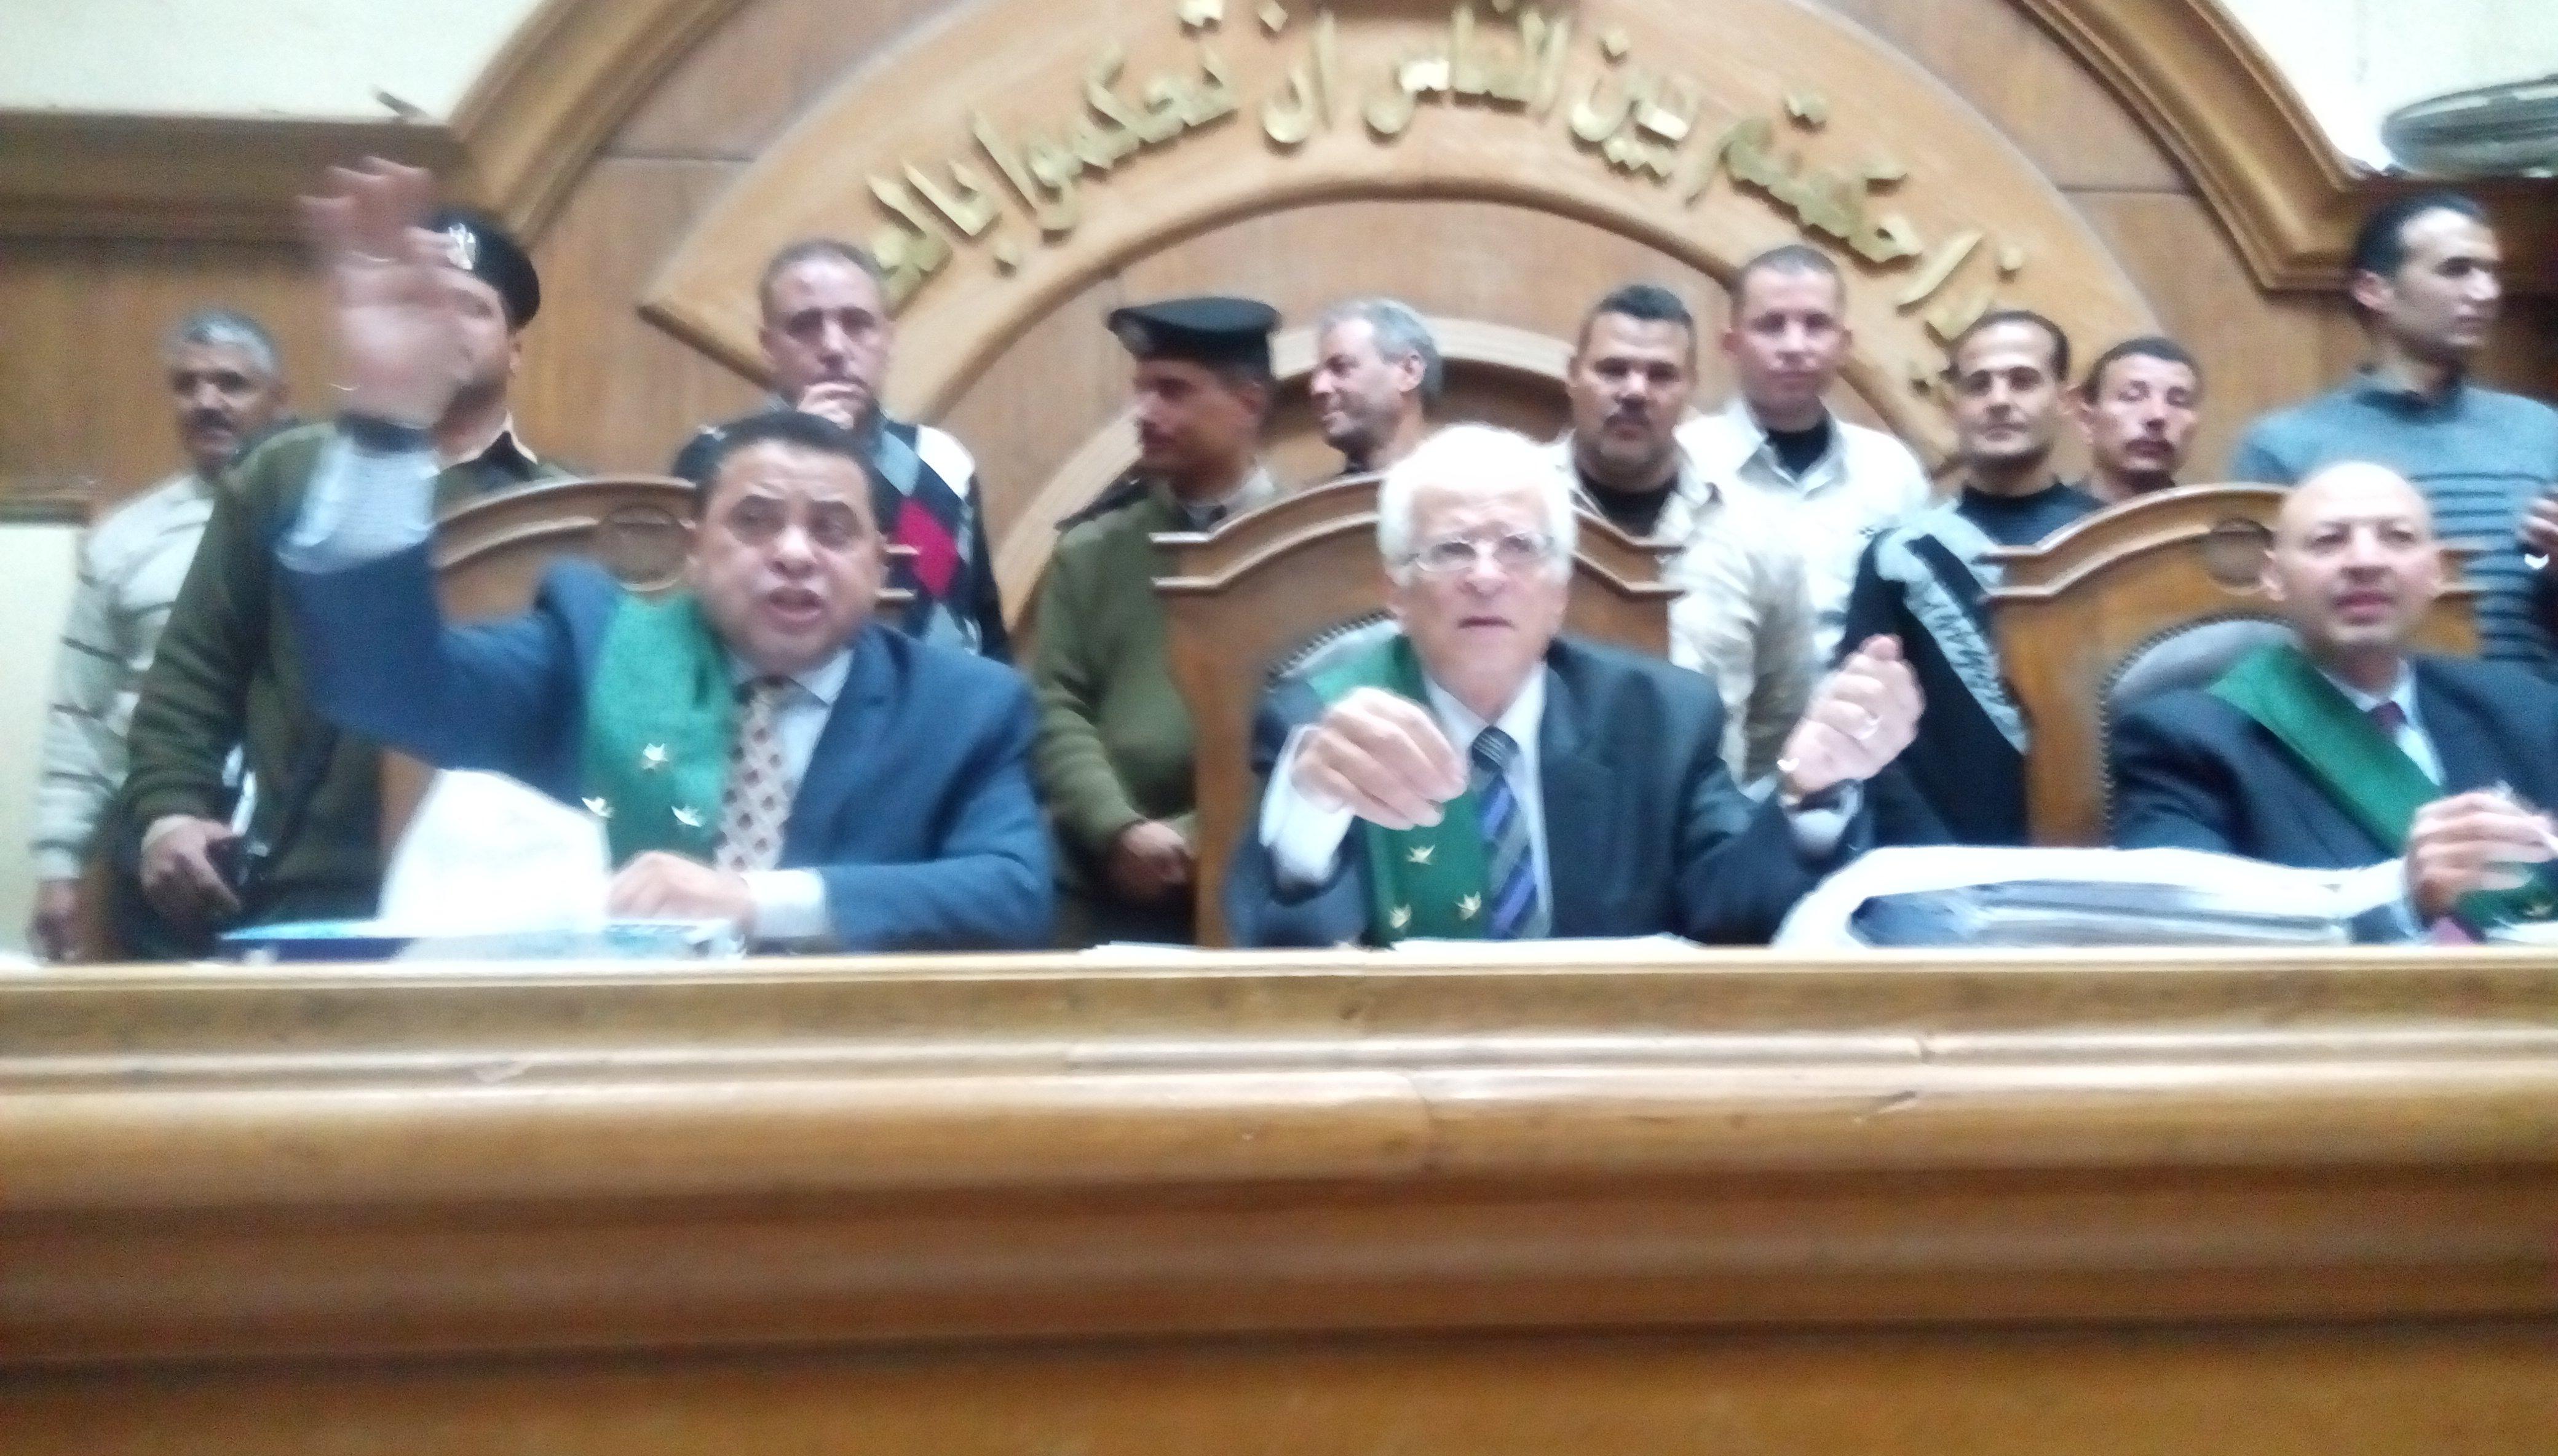 تأجيل محاكمة 9 محامين لتعديهم على أعضاء نيابة أبو كبير لجلسة 20 مايو